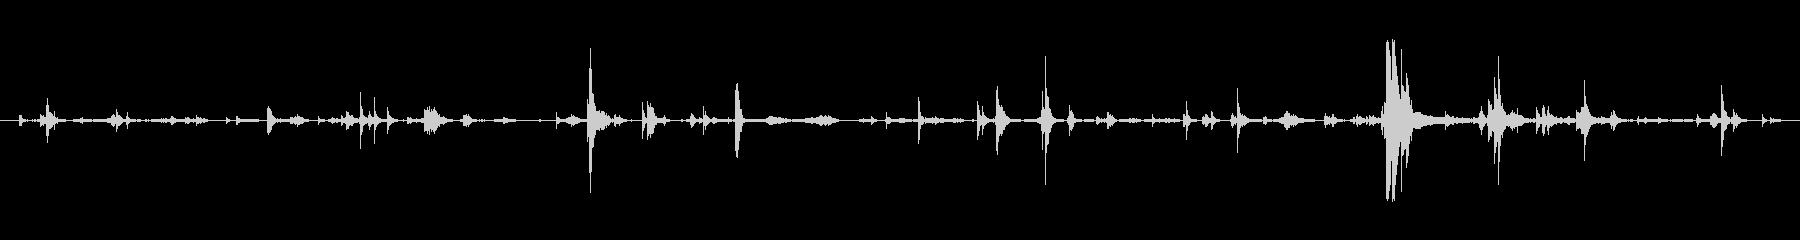 メタル プレートへこみ処理02の未再生の波形